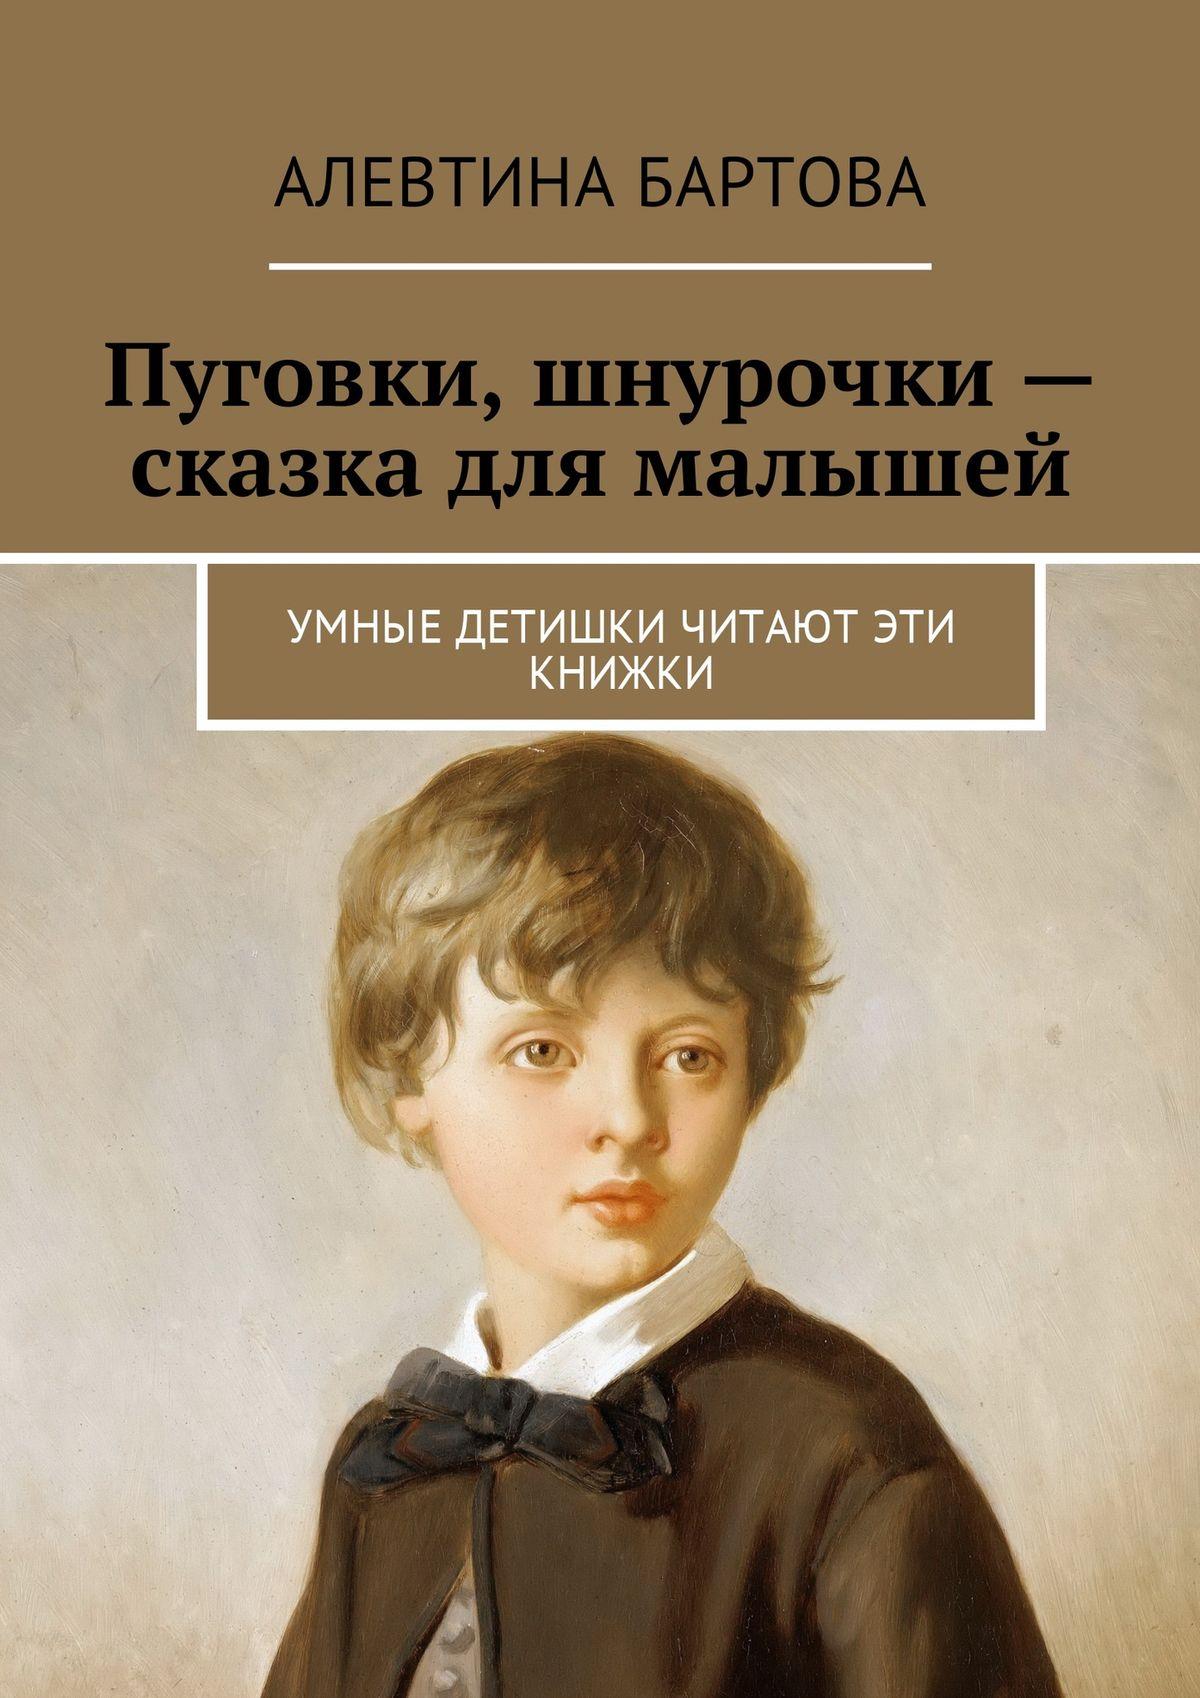 Алевтина Бартова Пуговки, шнурочки – сказка для малышей. Умные детишки читают эти книжки алевтина трифоновна бартова петя омон умные детишки читают эти книжки